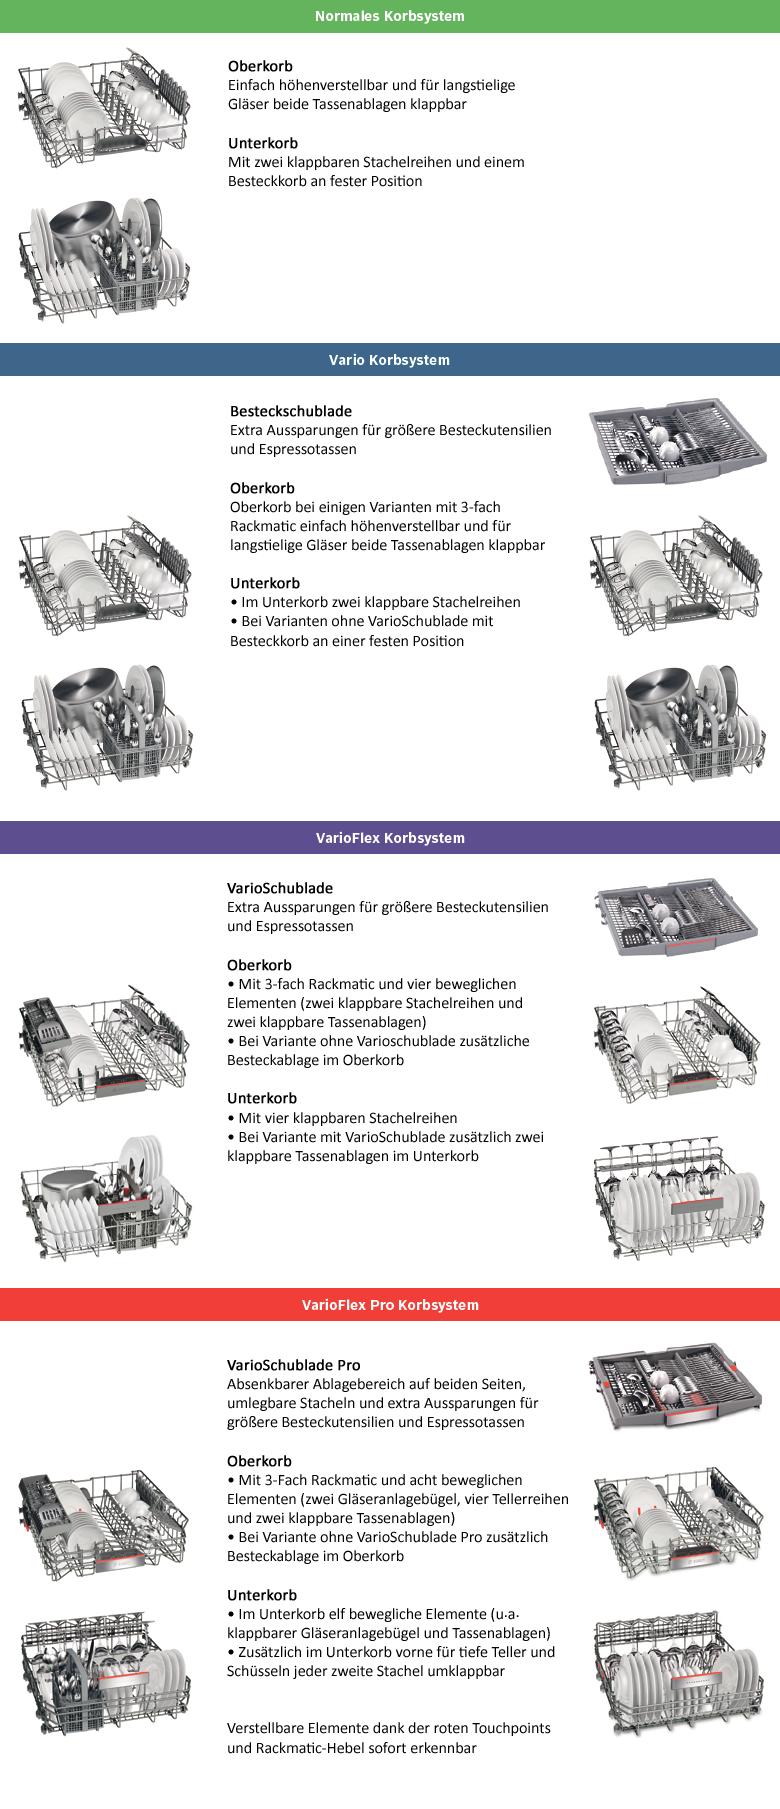 Bosch Geschirrspüler VarioFlex